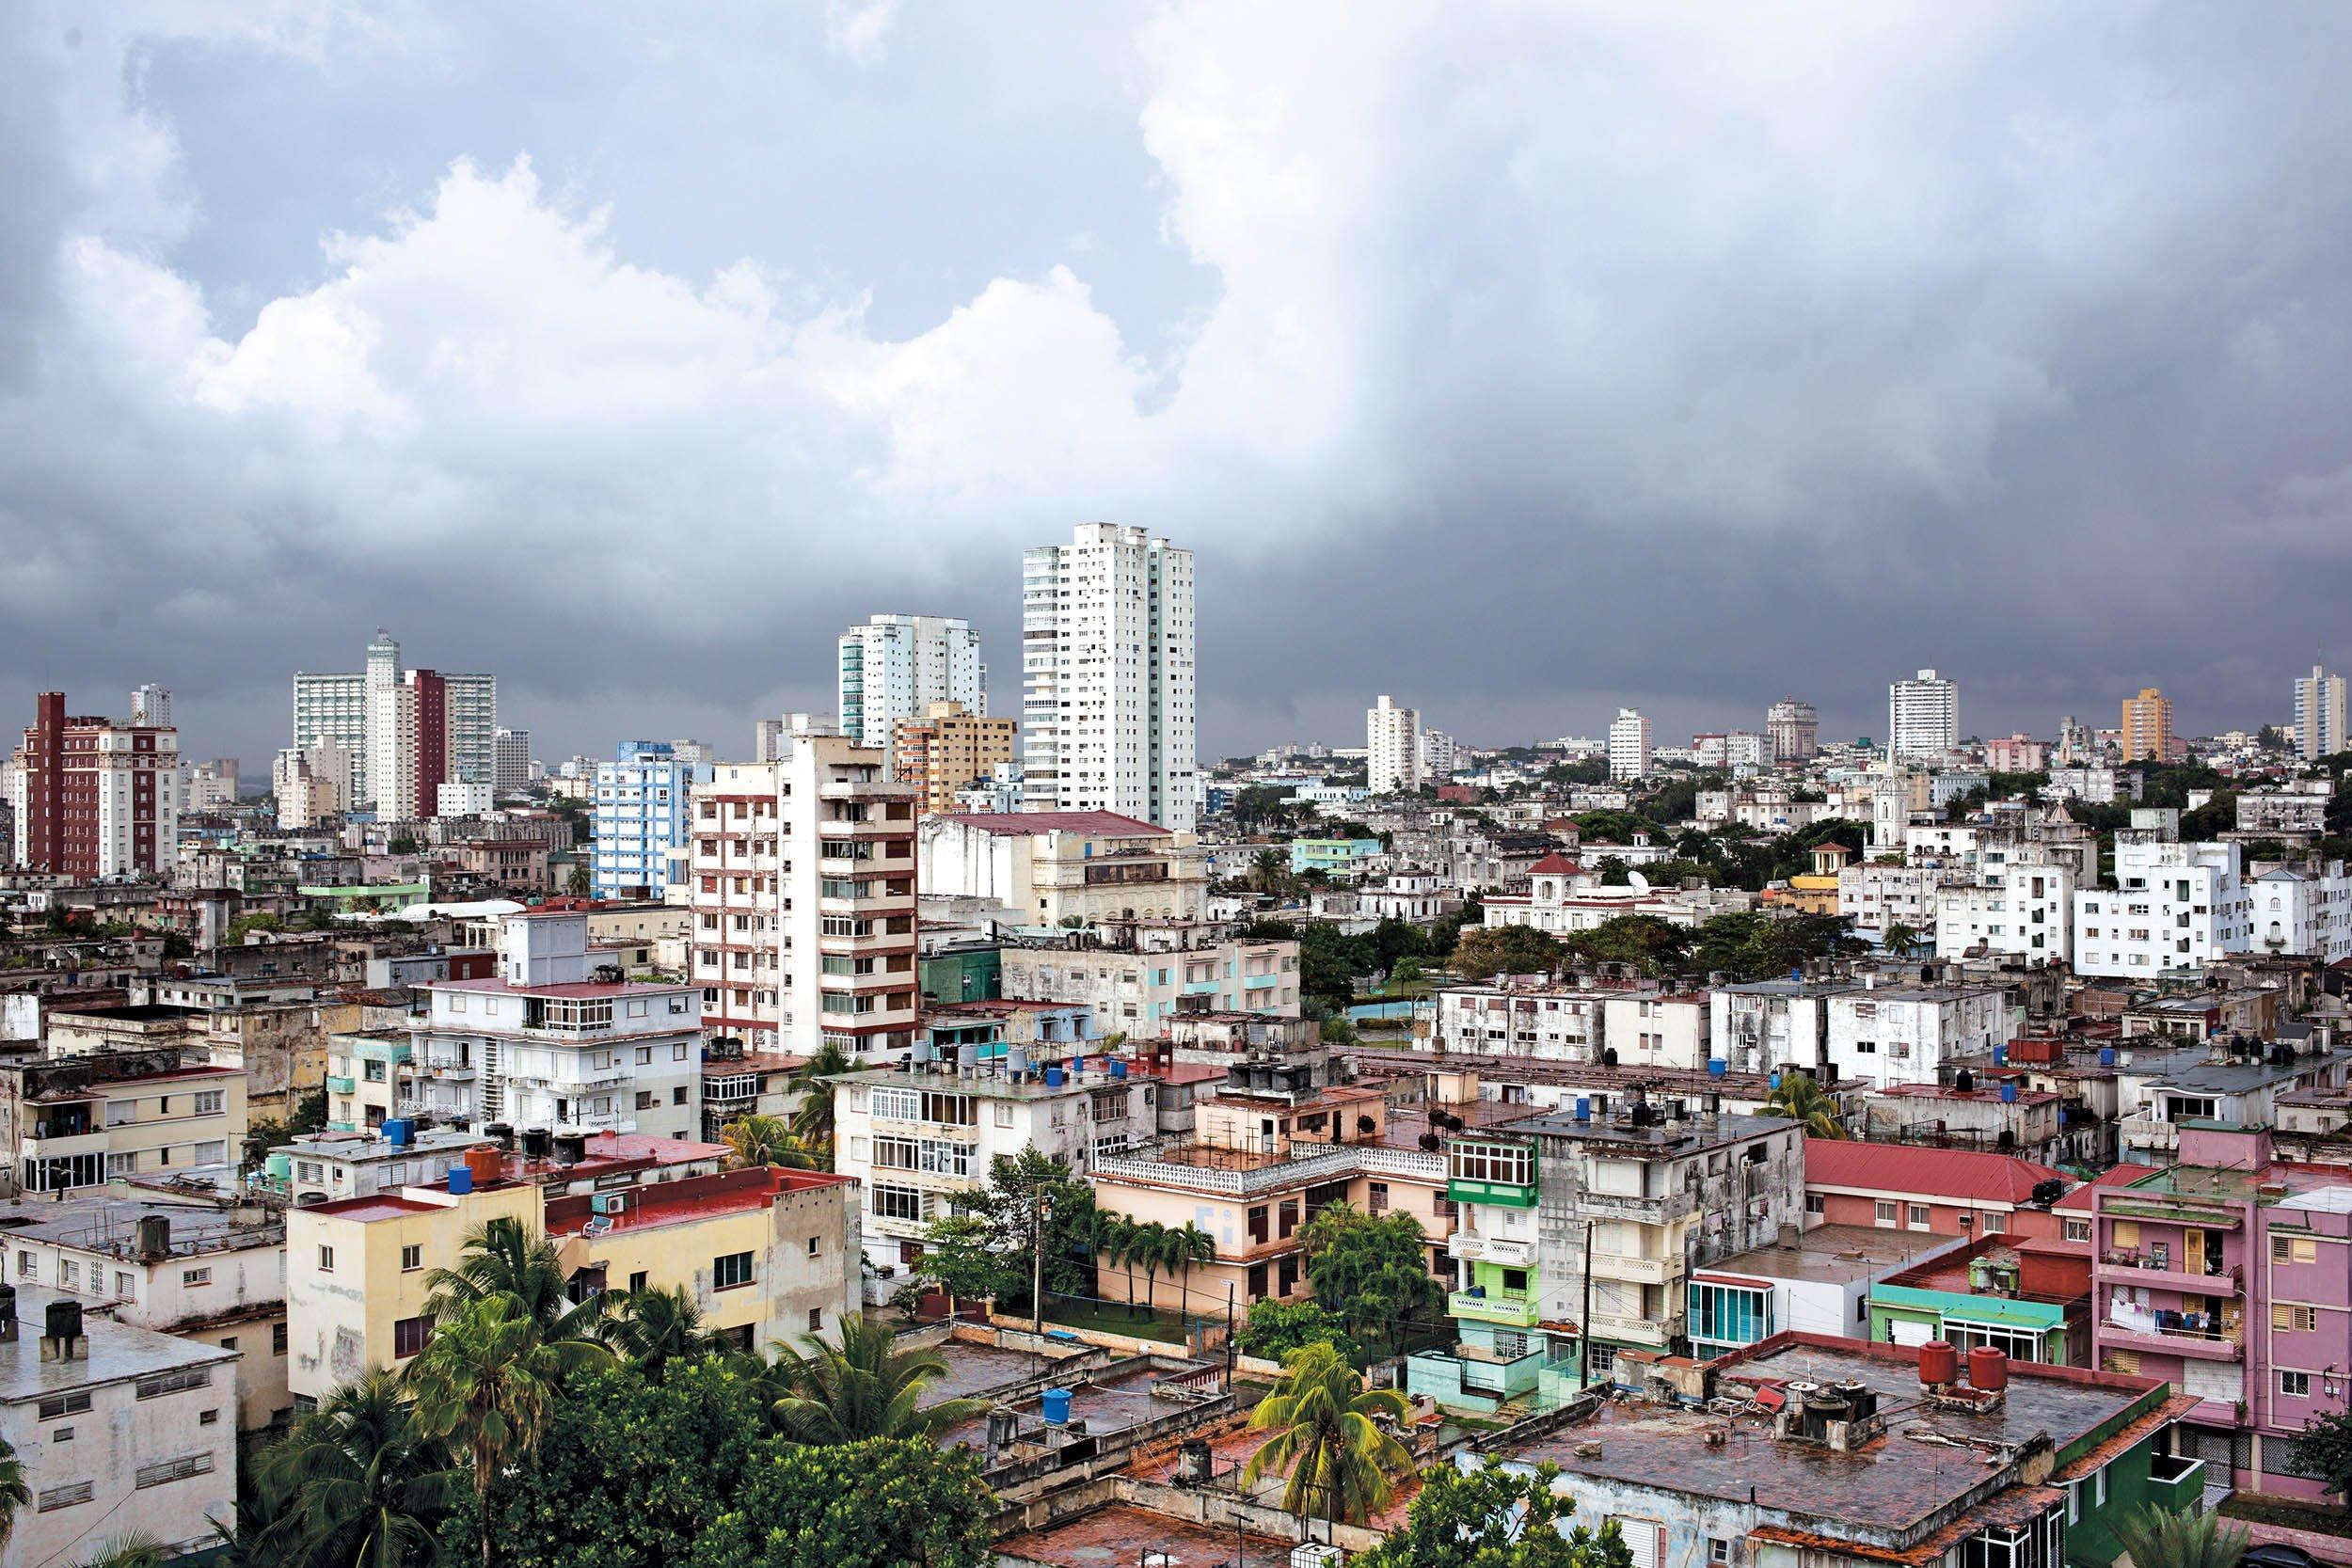 03_13_Cuba_03